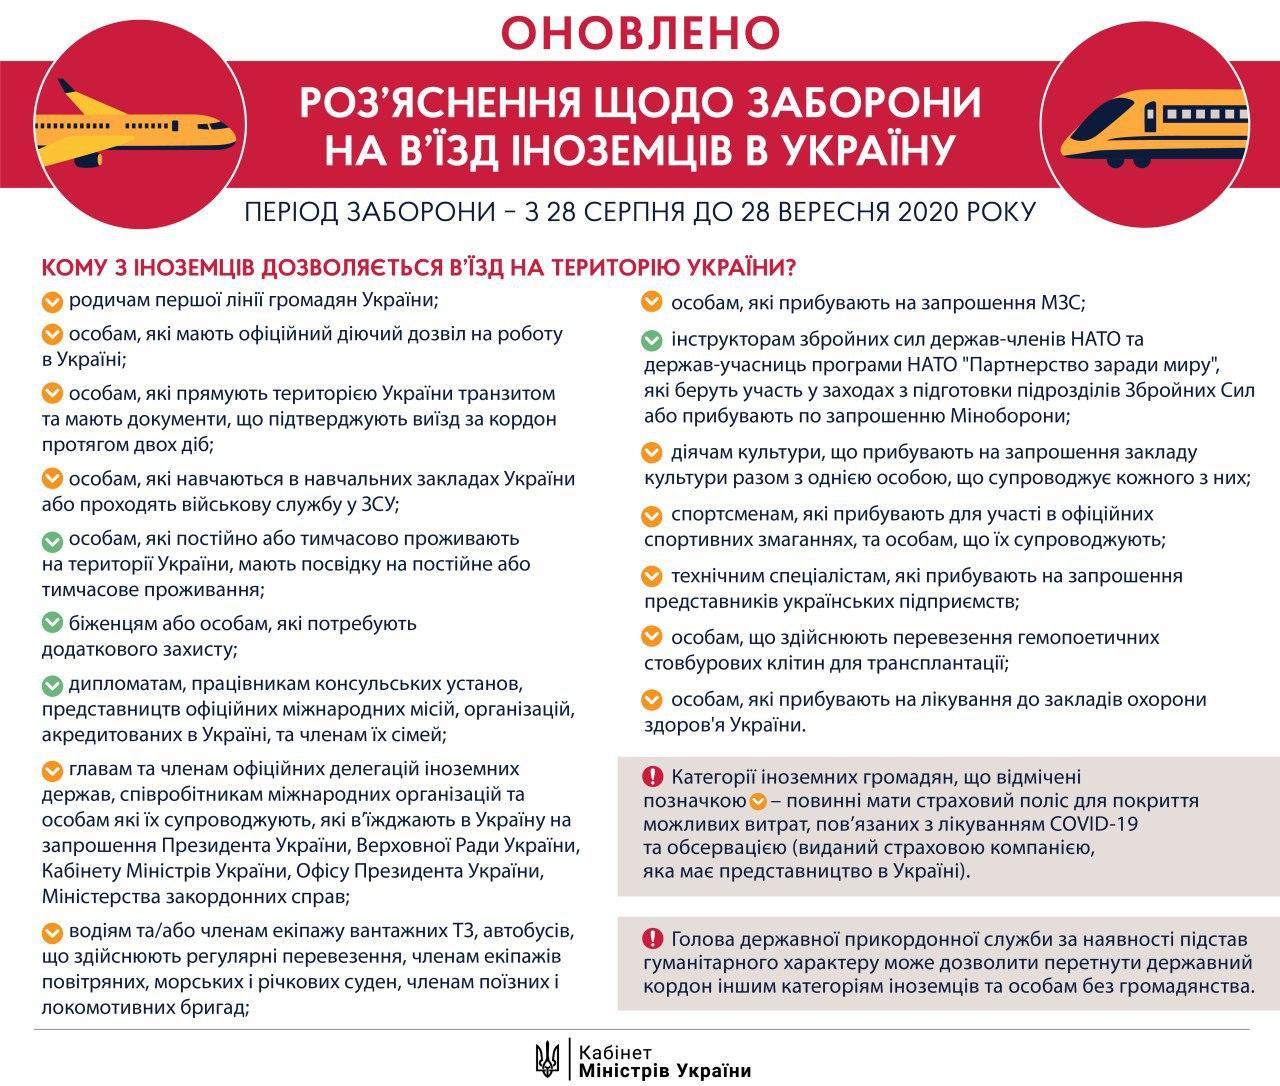 Кабмін екстрено закриває кордон для іноземців вже з півночі: кого пустять в Україну